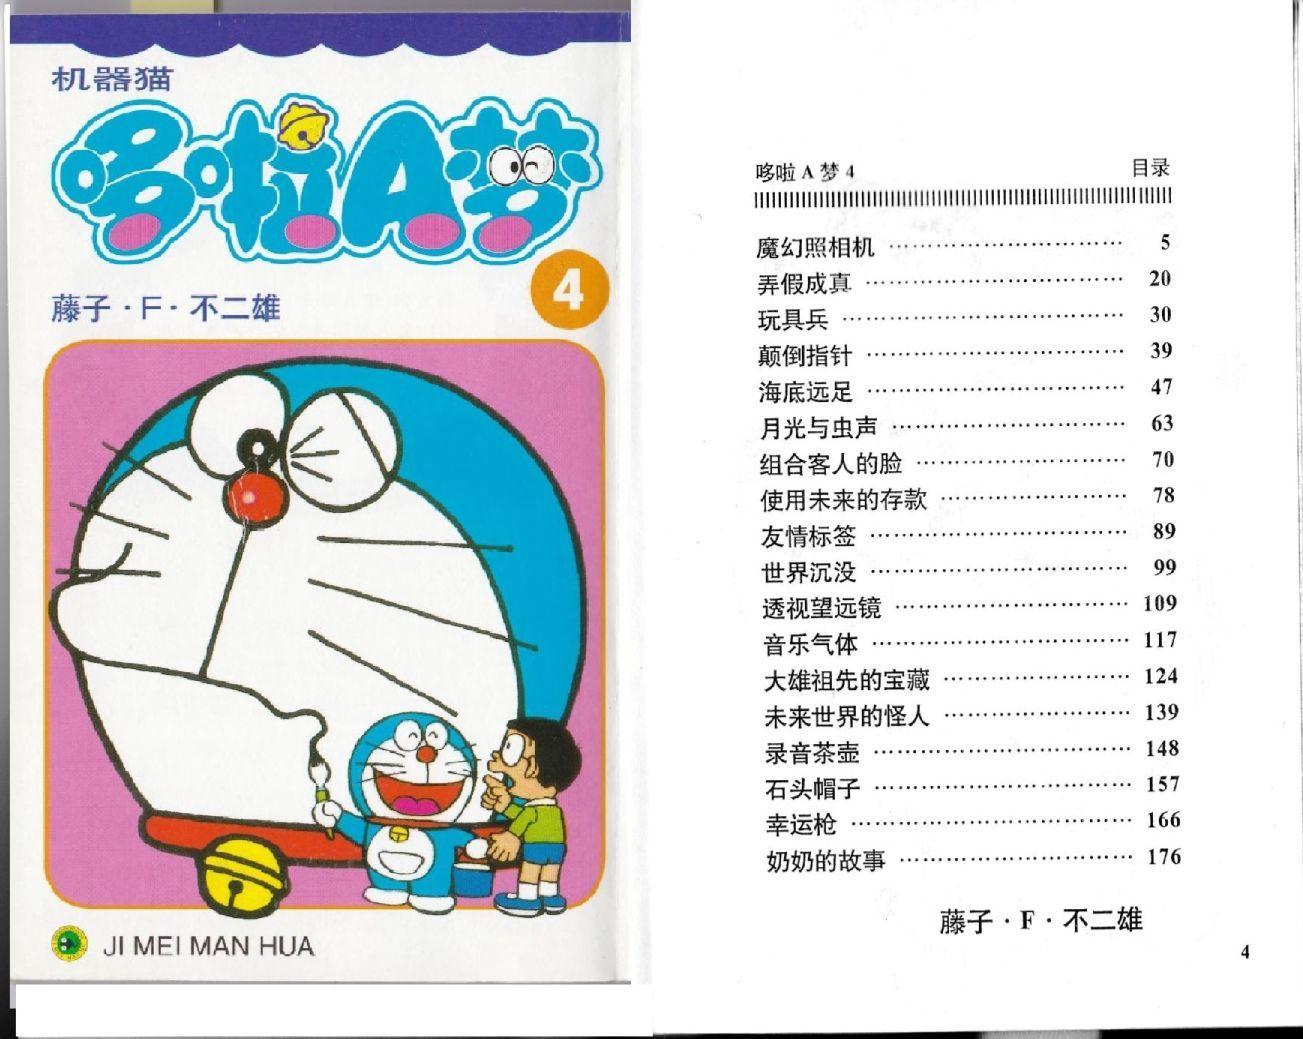 祝!2冊目の中文「ドラえもん/哆啦A梦-4」半分完了 (19年2月27日)_c0059093_12171863.jpg